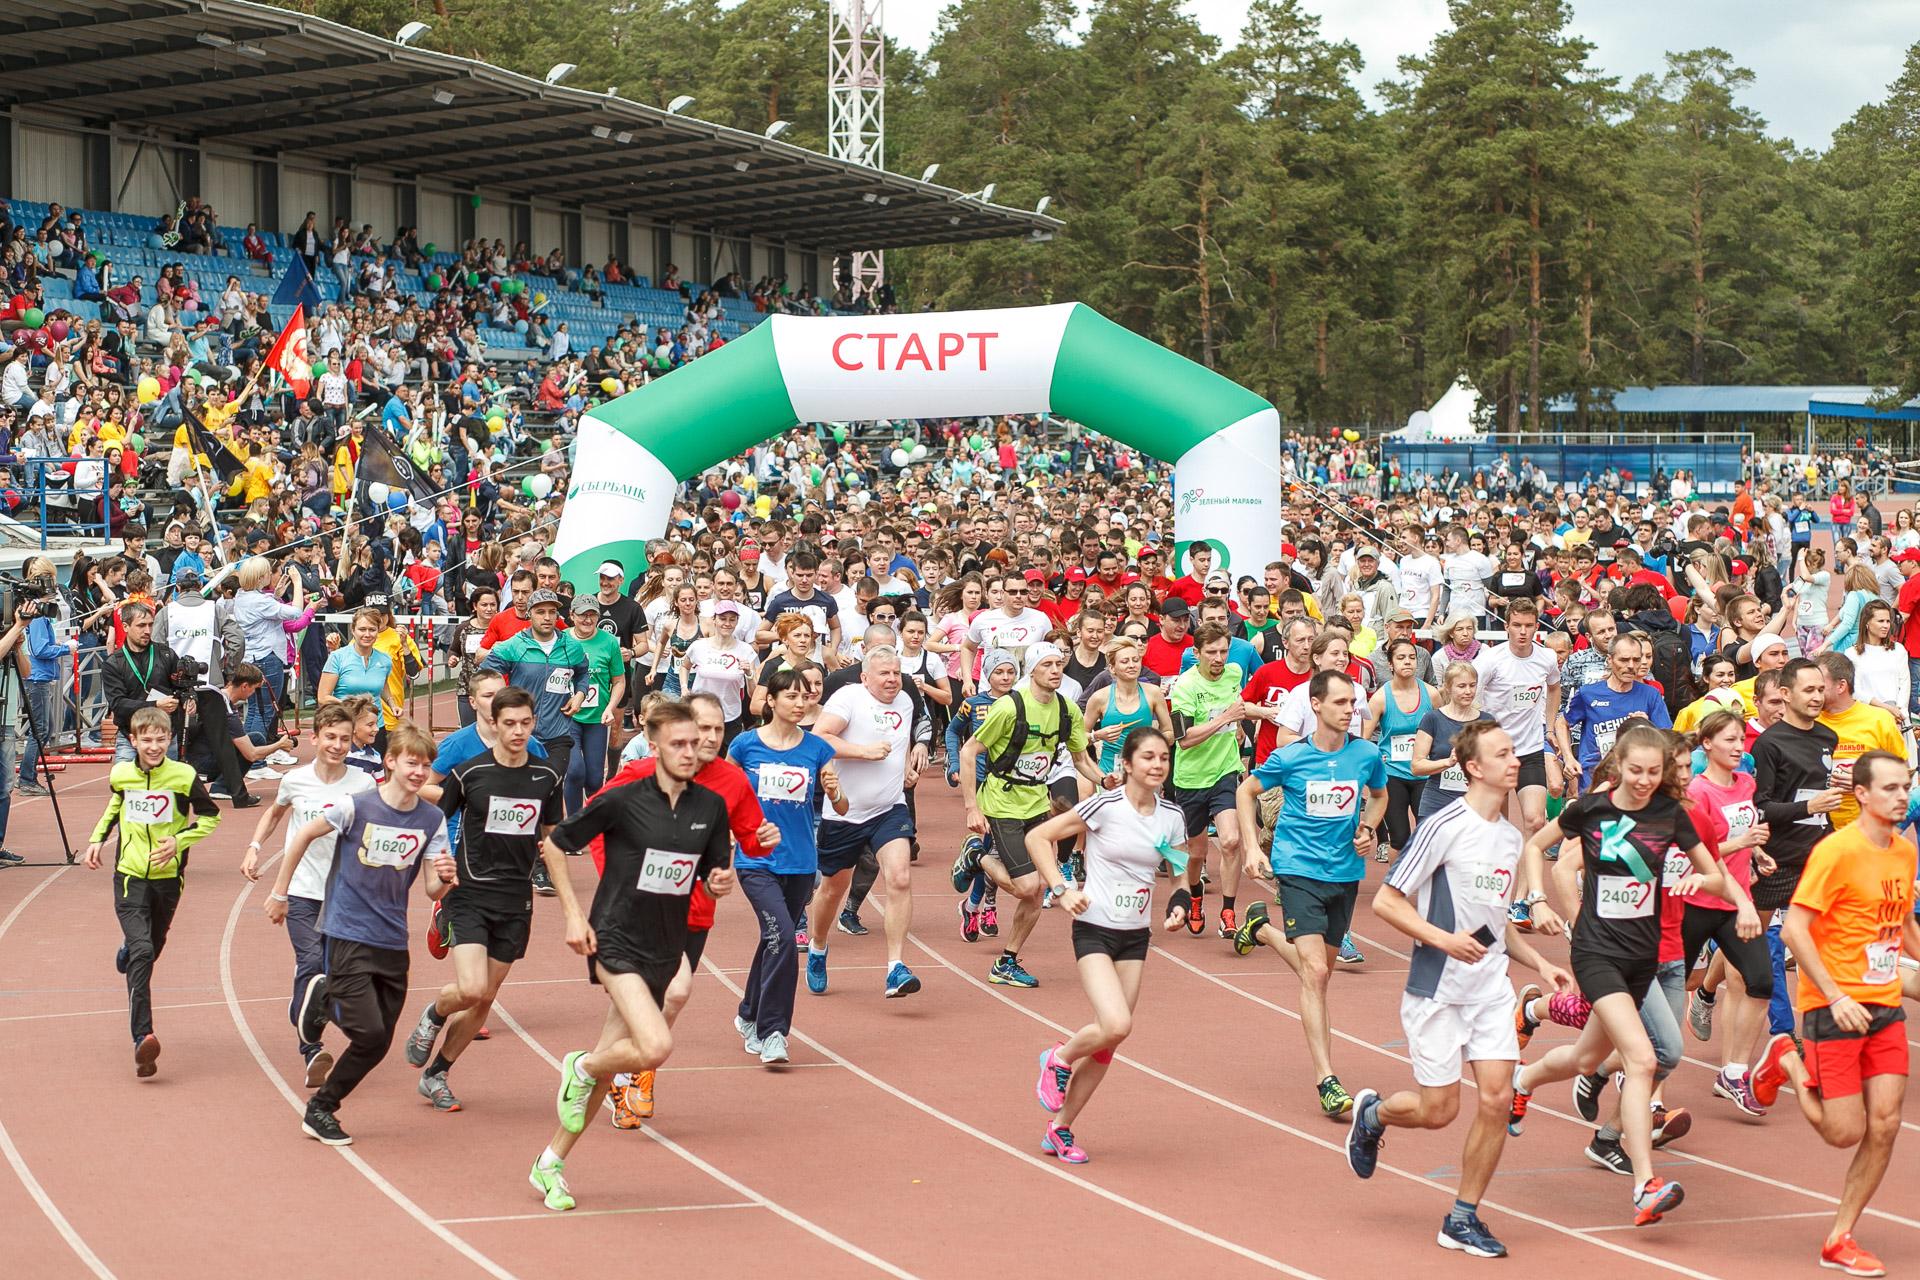 Программа благотворительного марафона включает забег на дистанцию 4,2 км (такая же дистанция в пр